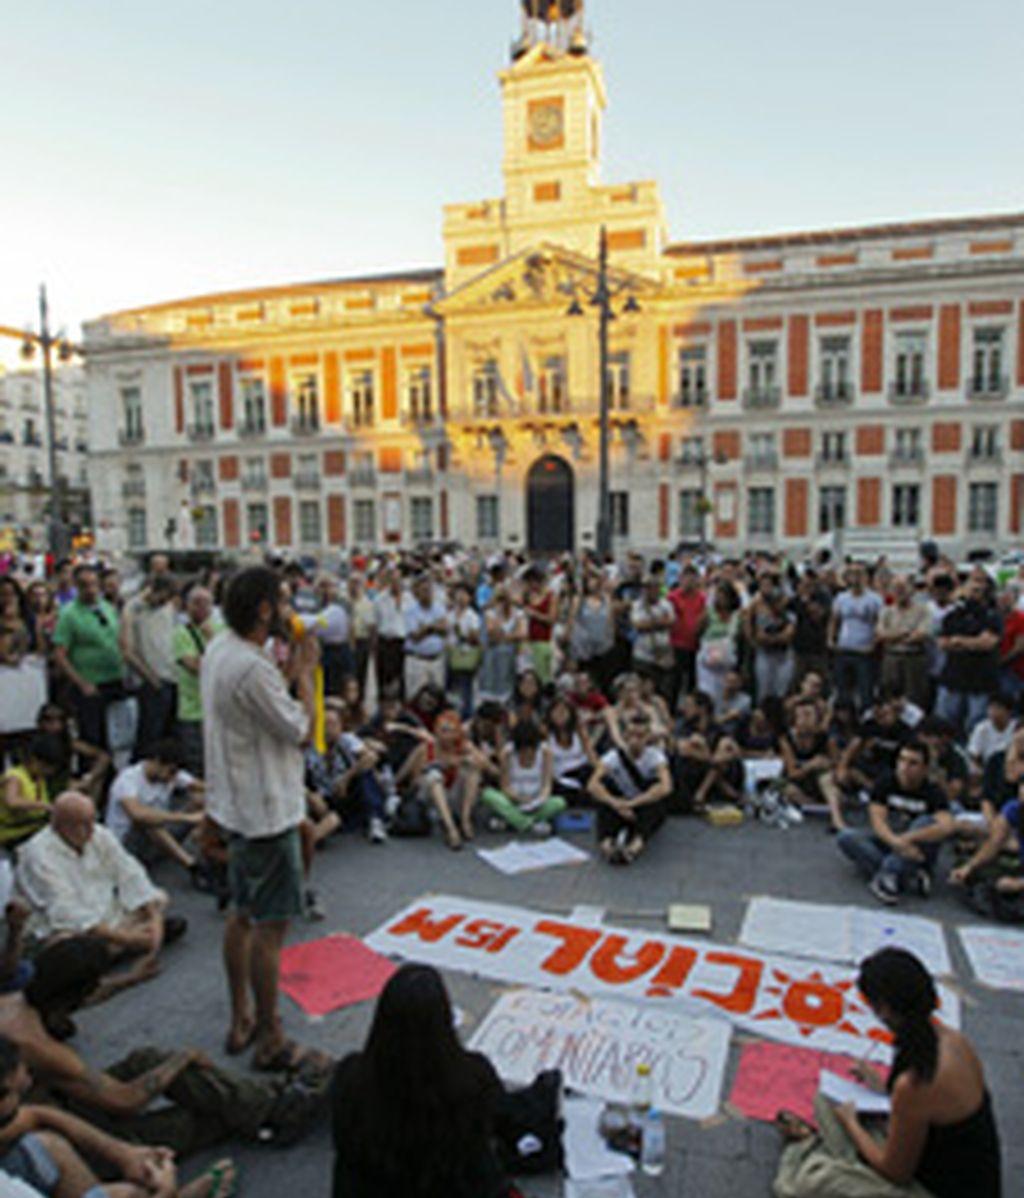 Los indignados han vuelto estos dias con sus protestas. Foto: EFE